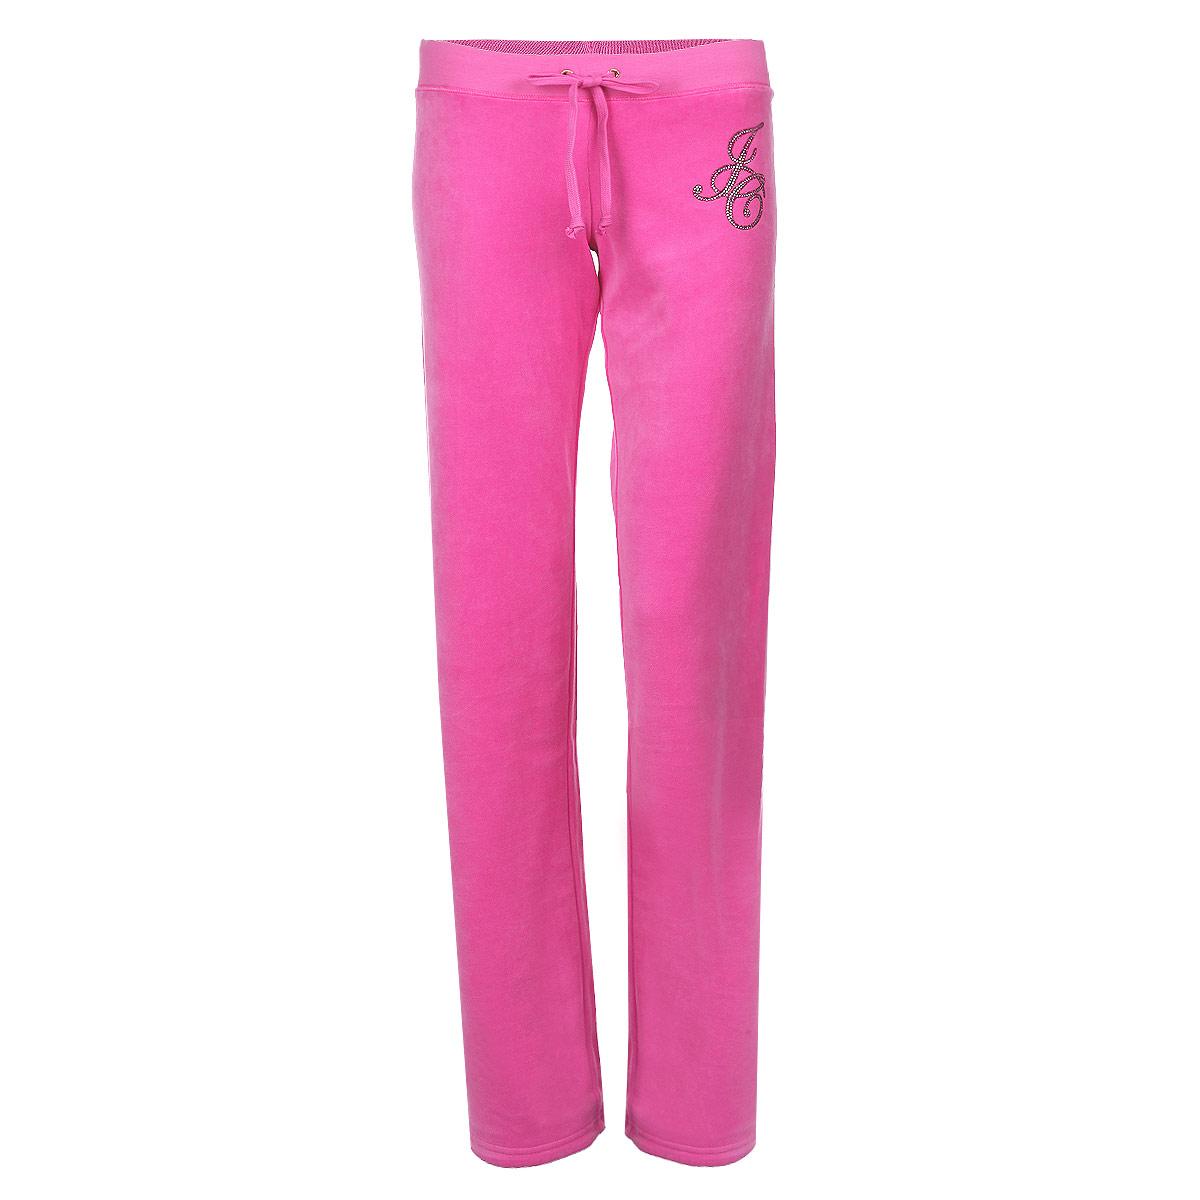 Брюки спортивные женские Juicy Couture, цвет: розовый. JG008274/FRSE. Размер M (46)JG008274/FRSEСтильные женские спортивные брюки Juicy Couture выполнены из нежного велюрового материала, очень мягкие на ощупь, не раздражают даже самую нежную и чувствительную кожу и хорошо вентилируются. Модель прямого свободного кроя на широком поясе. Притачной эластичный пояс обеспечивает комфортную посадку брюк, дополнен текстильным шнуром. Модель оформлена аппликацией из блесток и страз в виде букв JC. Такие брюки отлично подойдут для летних прогулок и спортивных занятий.